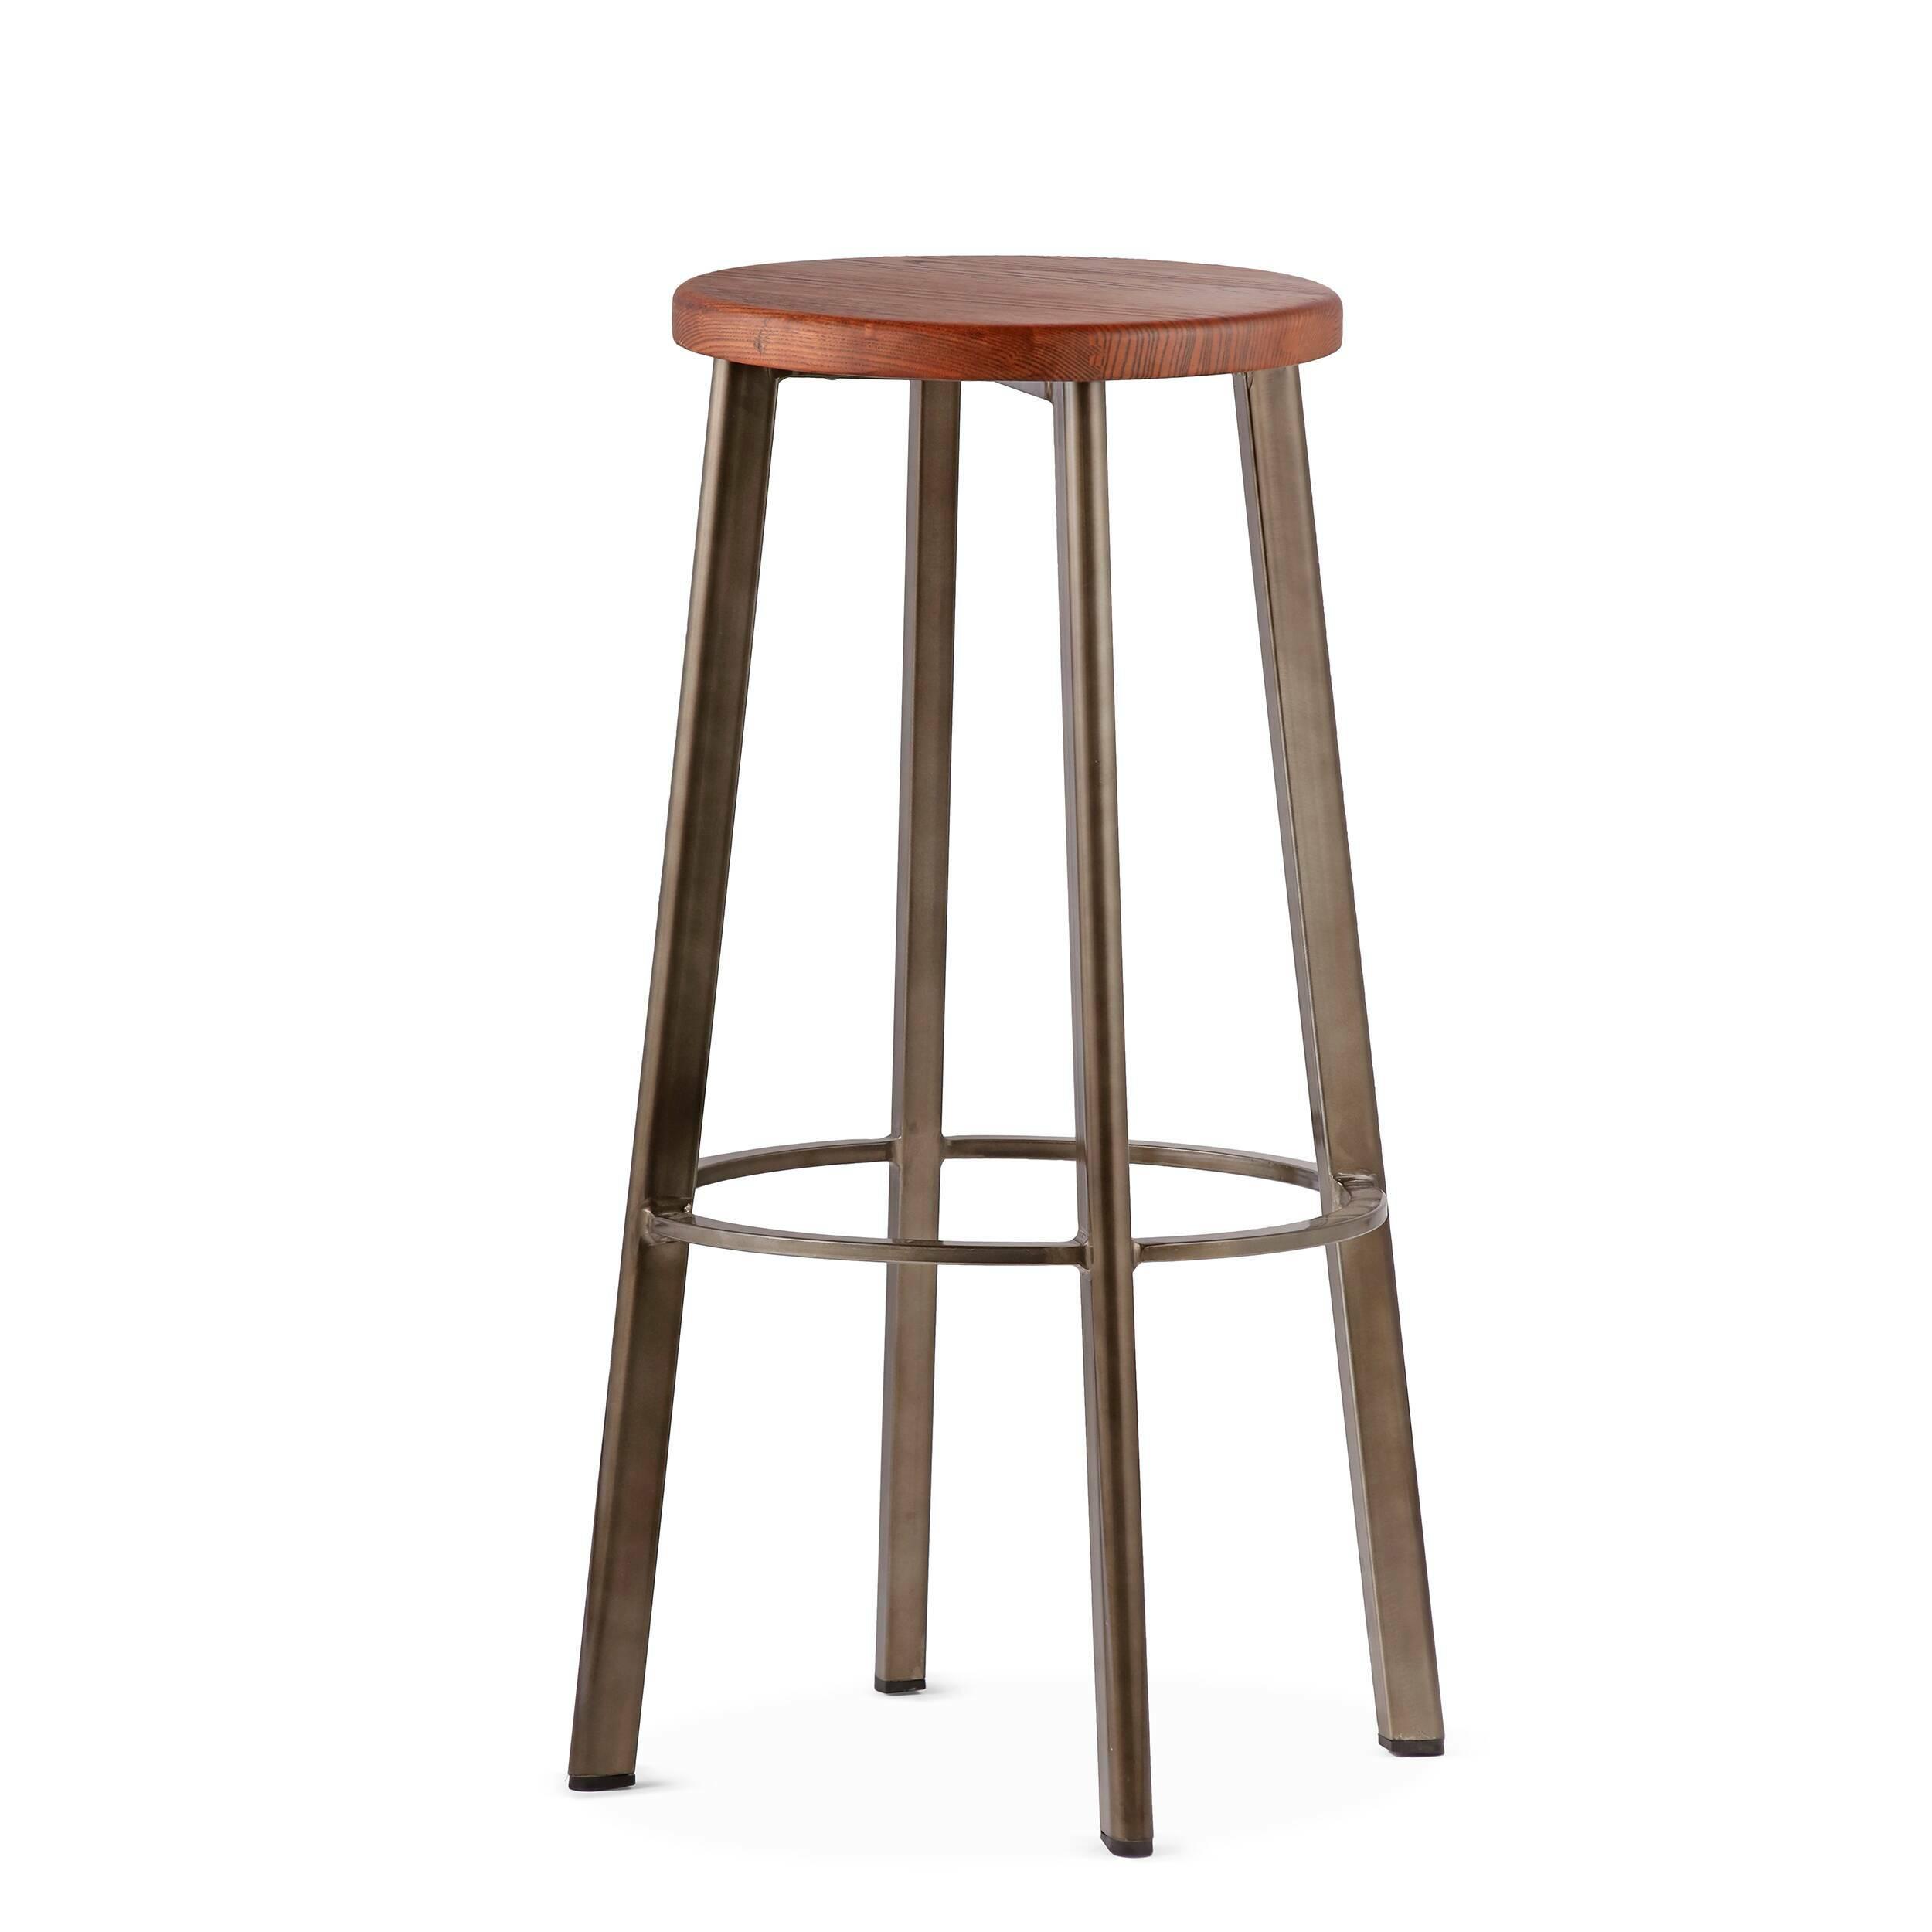 Барный стул StandardБарные<br>Барный стул Standard отлично подходит для создания кухни в нью-йоркском стиле. Французские панорамные окна с видом на город, красные кирпичные стены, мебель индустриального дизайна — все это характерные черты кухонь в «Большом яблоке». <br><br><br> Для дизайна интерьеров в этом стиле следует выбирать предметы мебели лаконичных форм и материалов, среди которых металл, дерево, камень. Массивные обеденные и барные столы всегда становятся центром композиции. Для таких интерьеров всегда присущи сдер...<br><br>stock: 10<br>Высота: 75<br>Диаметр: 40<br>Цвет ножек: Бронза пушечная<br>Материал сидения: Массив ясеня<br>Цвет сидения: Коричневый<br>Тип материала сидения: Дерево<br>Тип материала ножек: Сталь